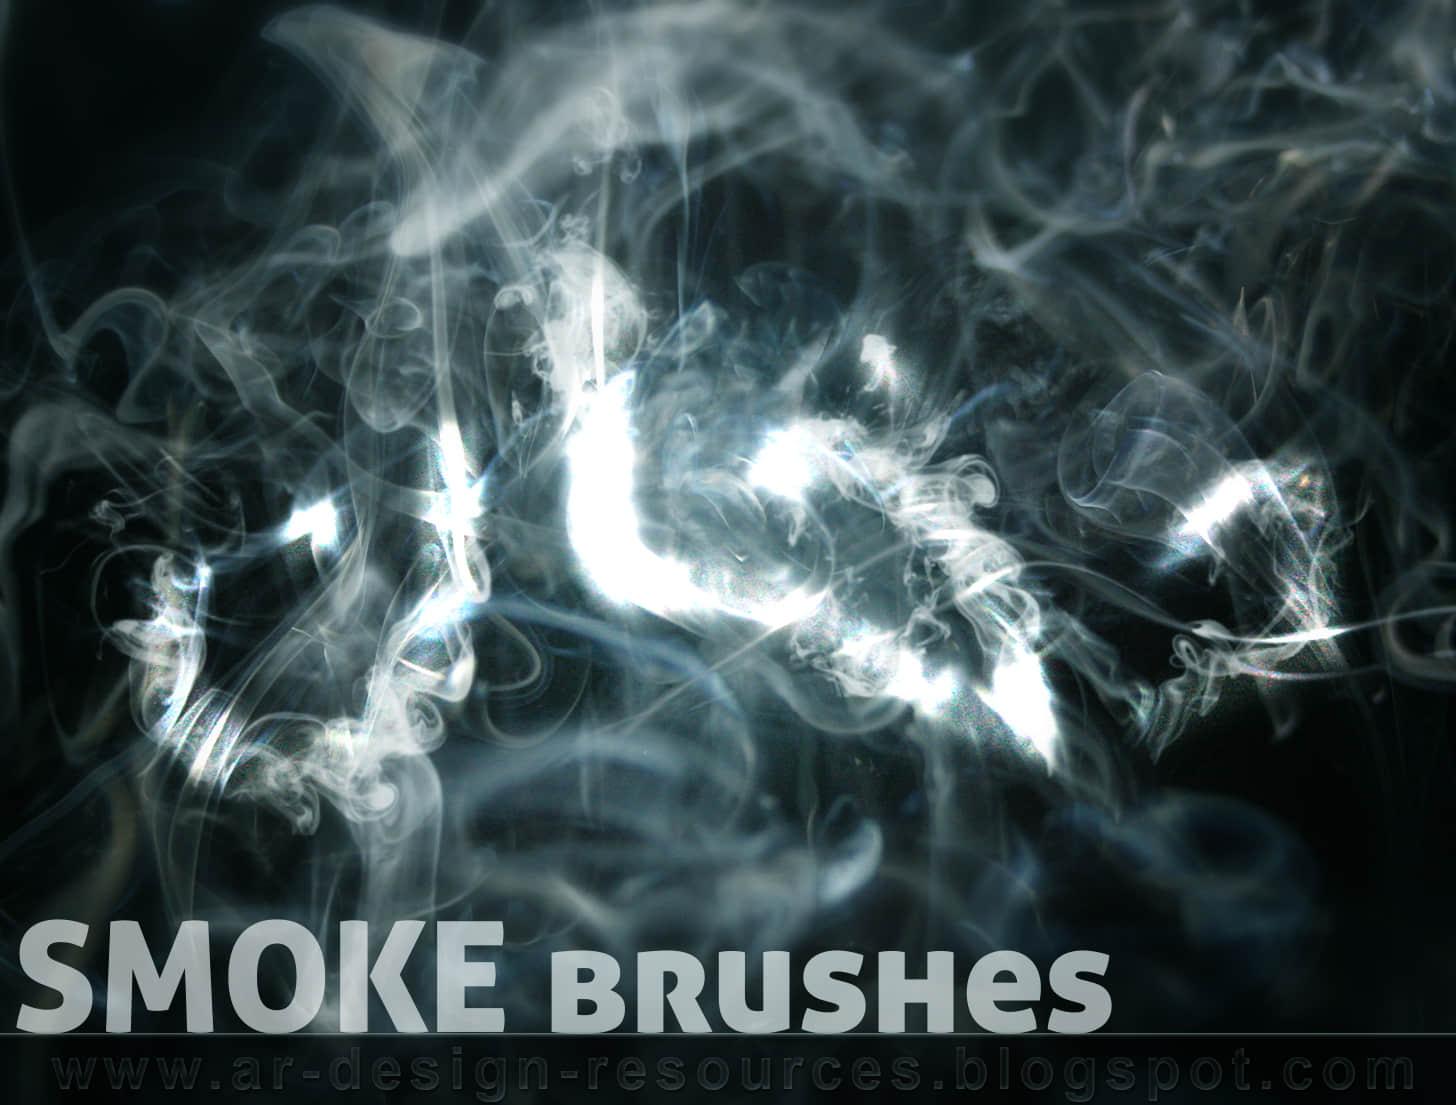 高级烟雾效果PS笔刷 烟雾笔刷 烟笔刷  flame brushes